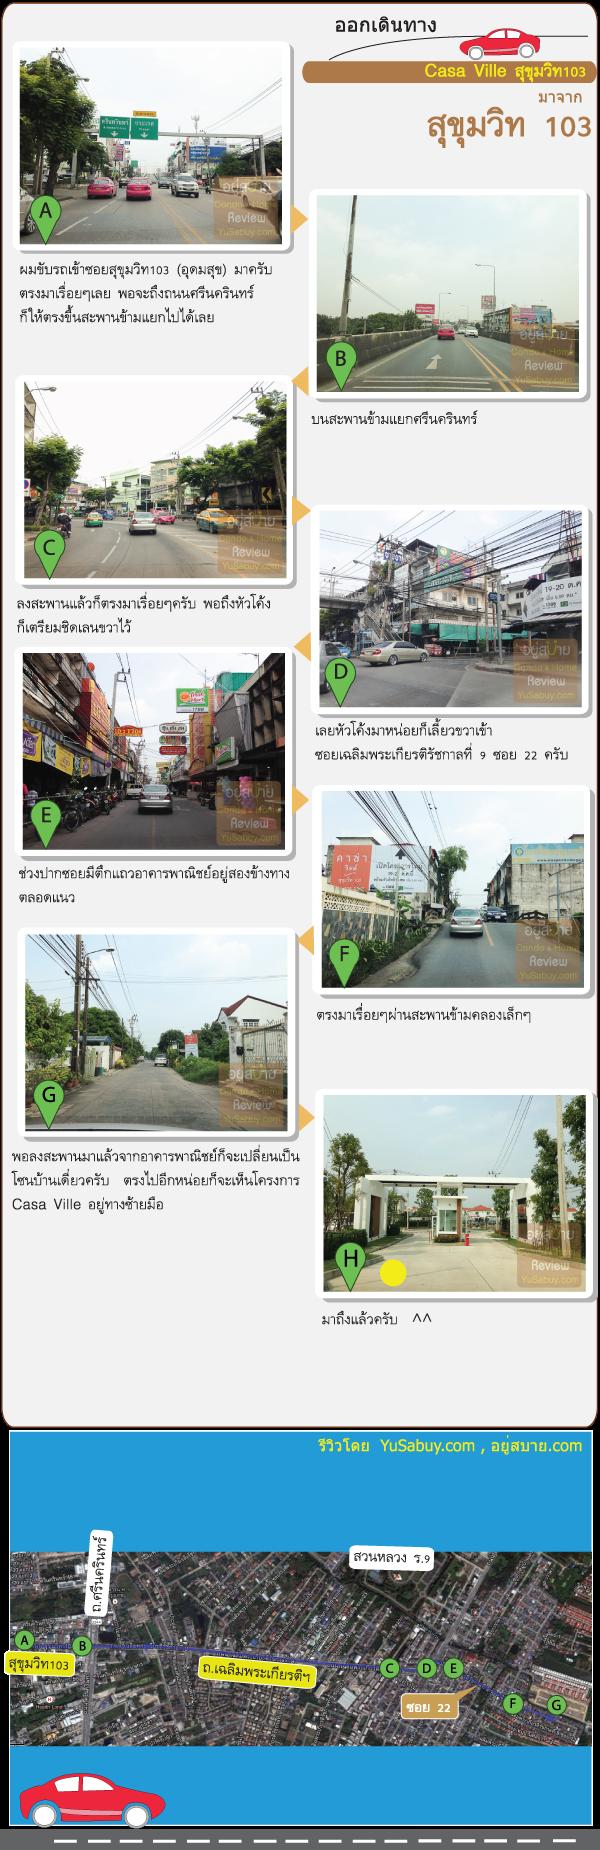 การเดินทางไปโครงการบ้านเดี่ยว Casa Ville Sukhumvit103 (คาซ่า วิลล์ สุขุมวิท103)